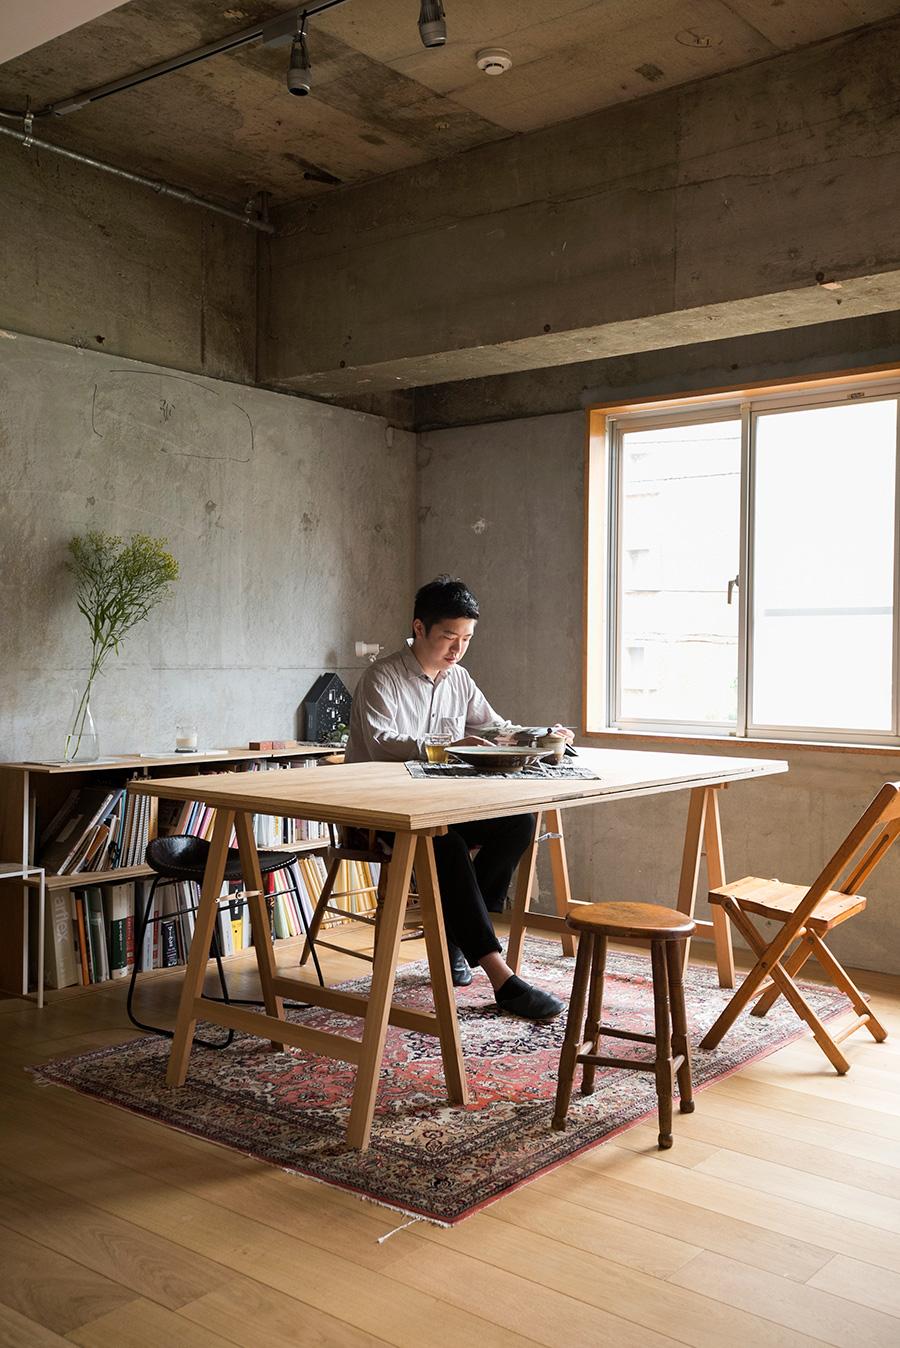 HaT Architects 日高海渡と戸井田哲郎によって共同設立。個人住宅の設計から、企業との恊働による商業施設やホステル等の企画・ブランディングまで行う。